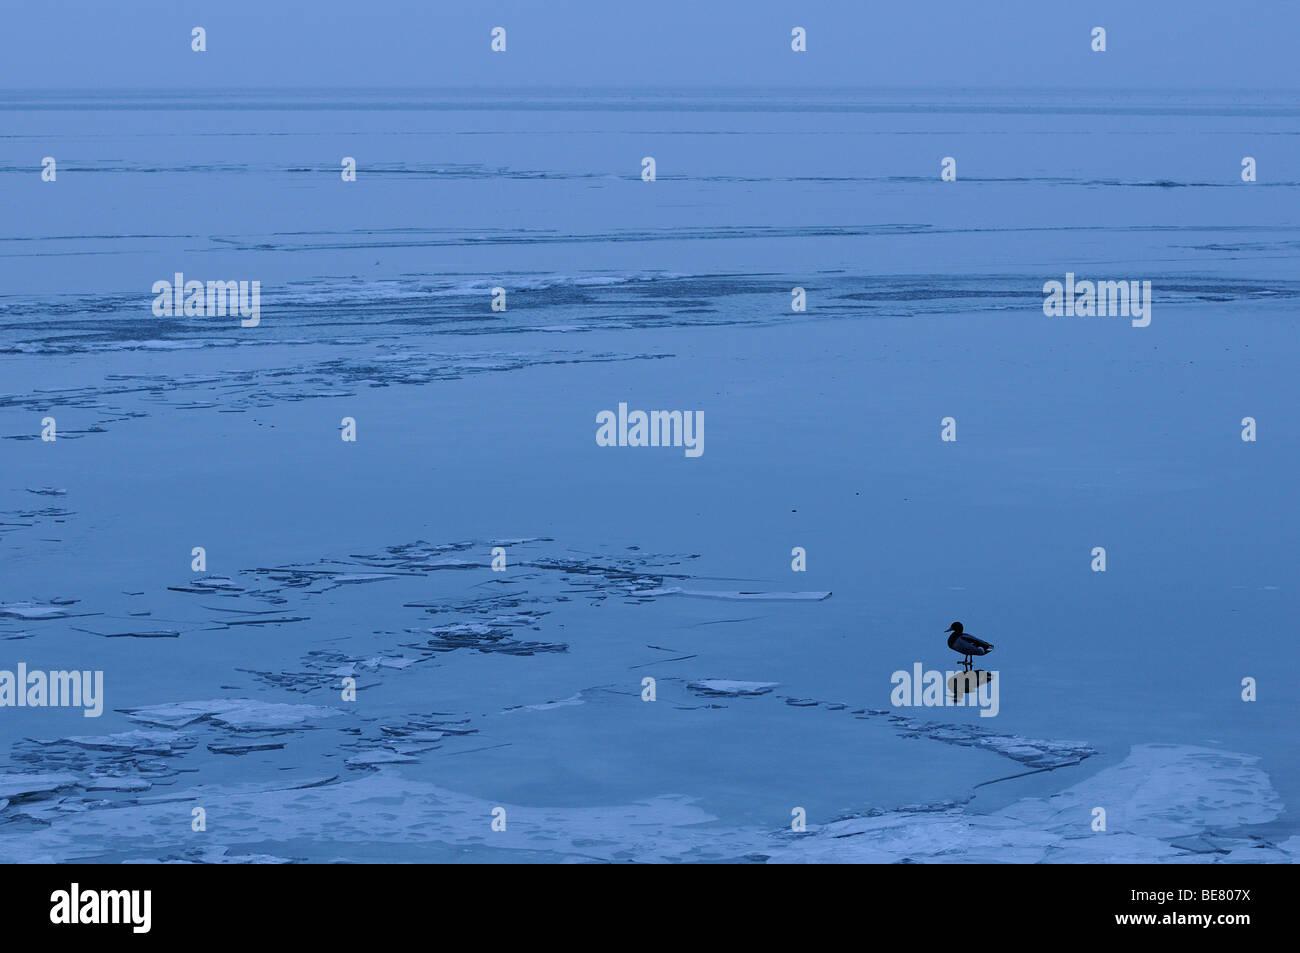 Solitaire wilde eend staand op ijsvlakte, Solitary mallard standing on ice plain - Stock Image